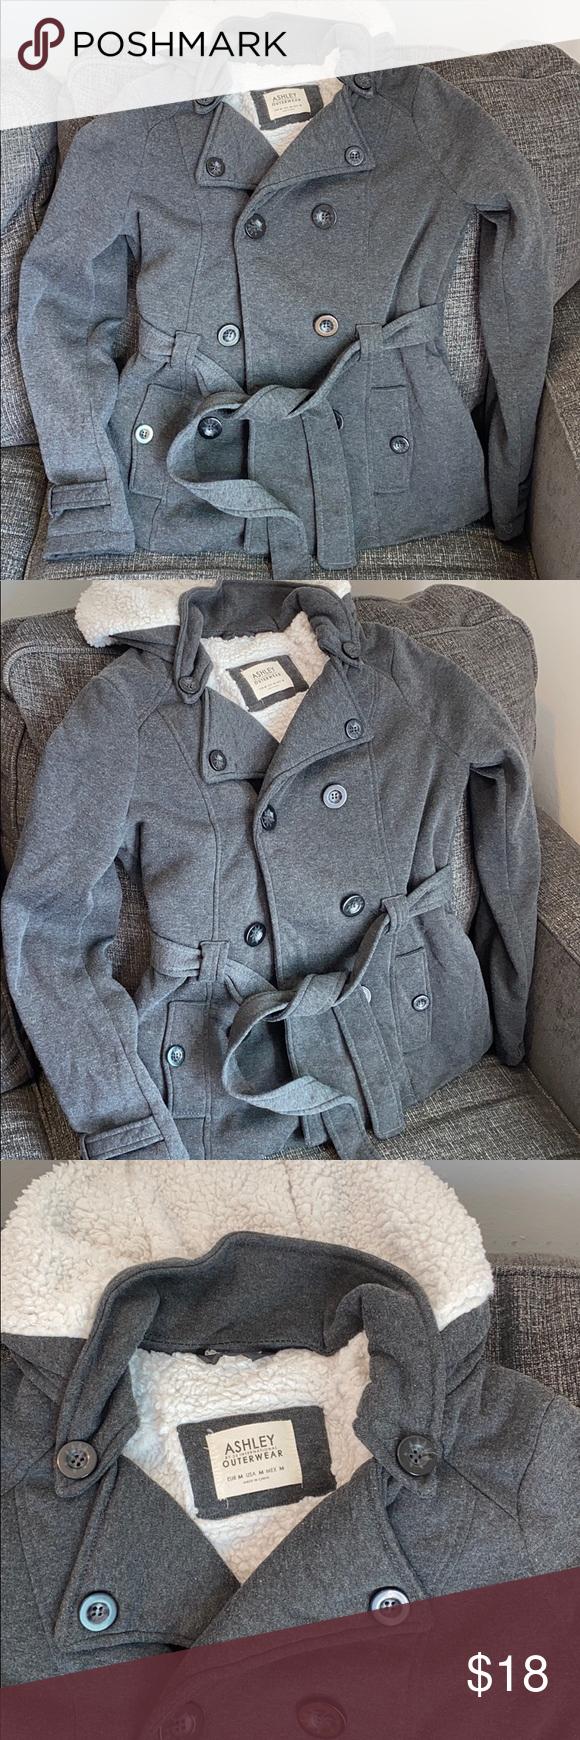 Ashley Outerwear Jacket Outerwear Jackets Jackets Outerwear [ 1740 x 580 Pixel ]